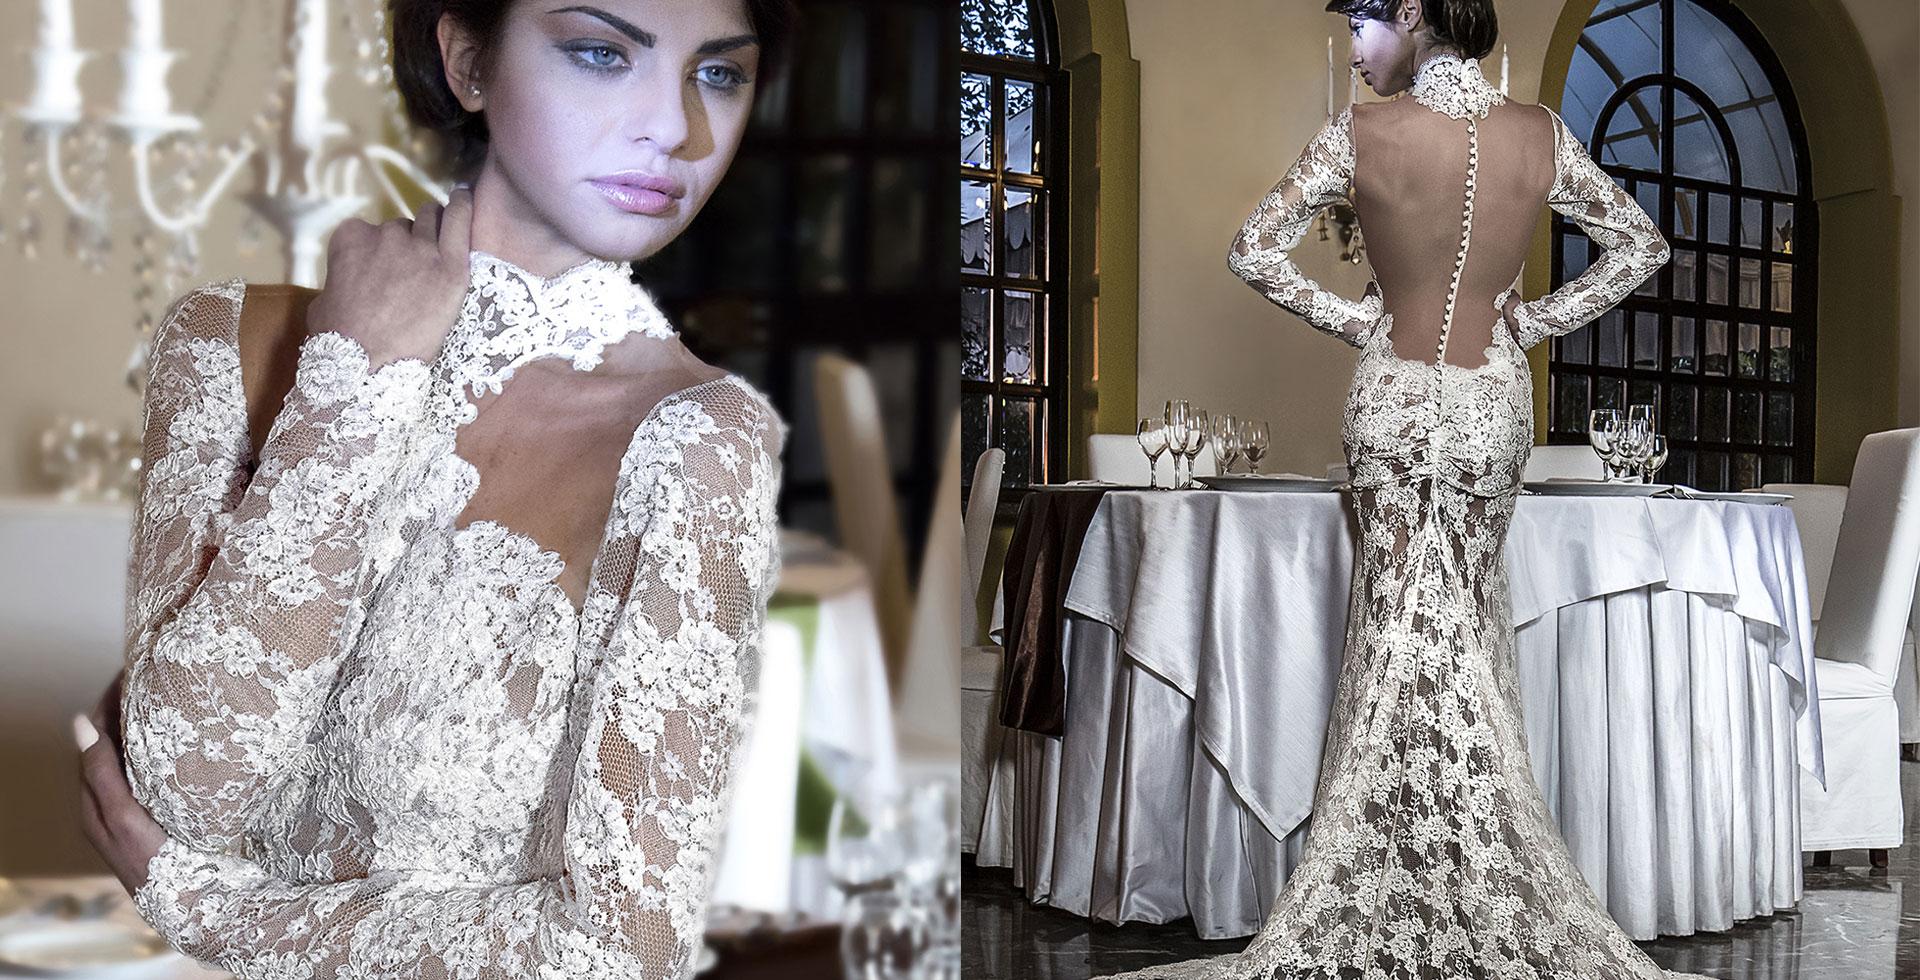 Vanitas abiti da sposa caserta – Vestiti da cerimonia 9b51a5f5abb